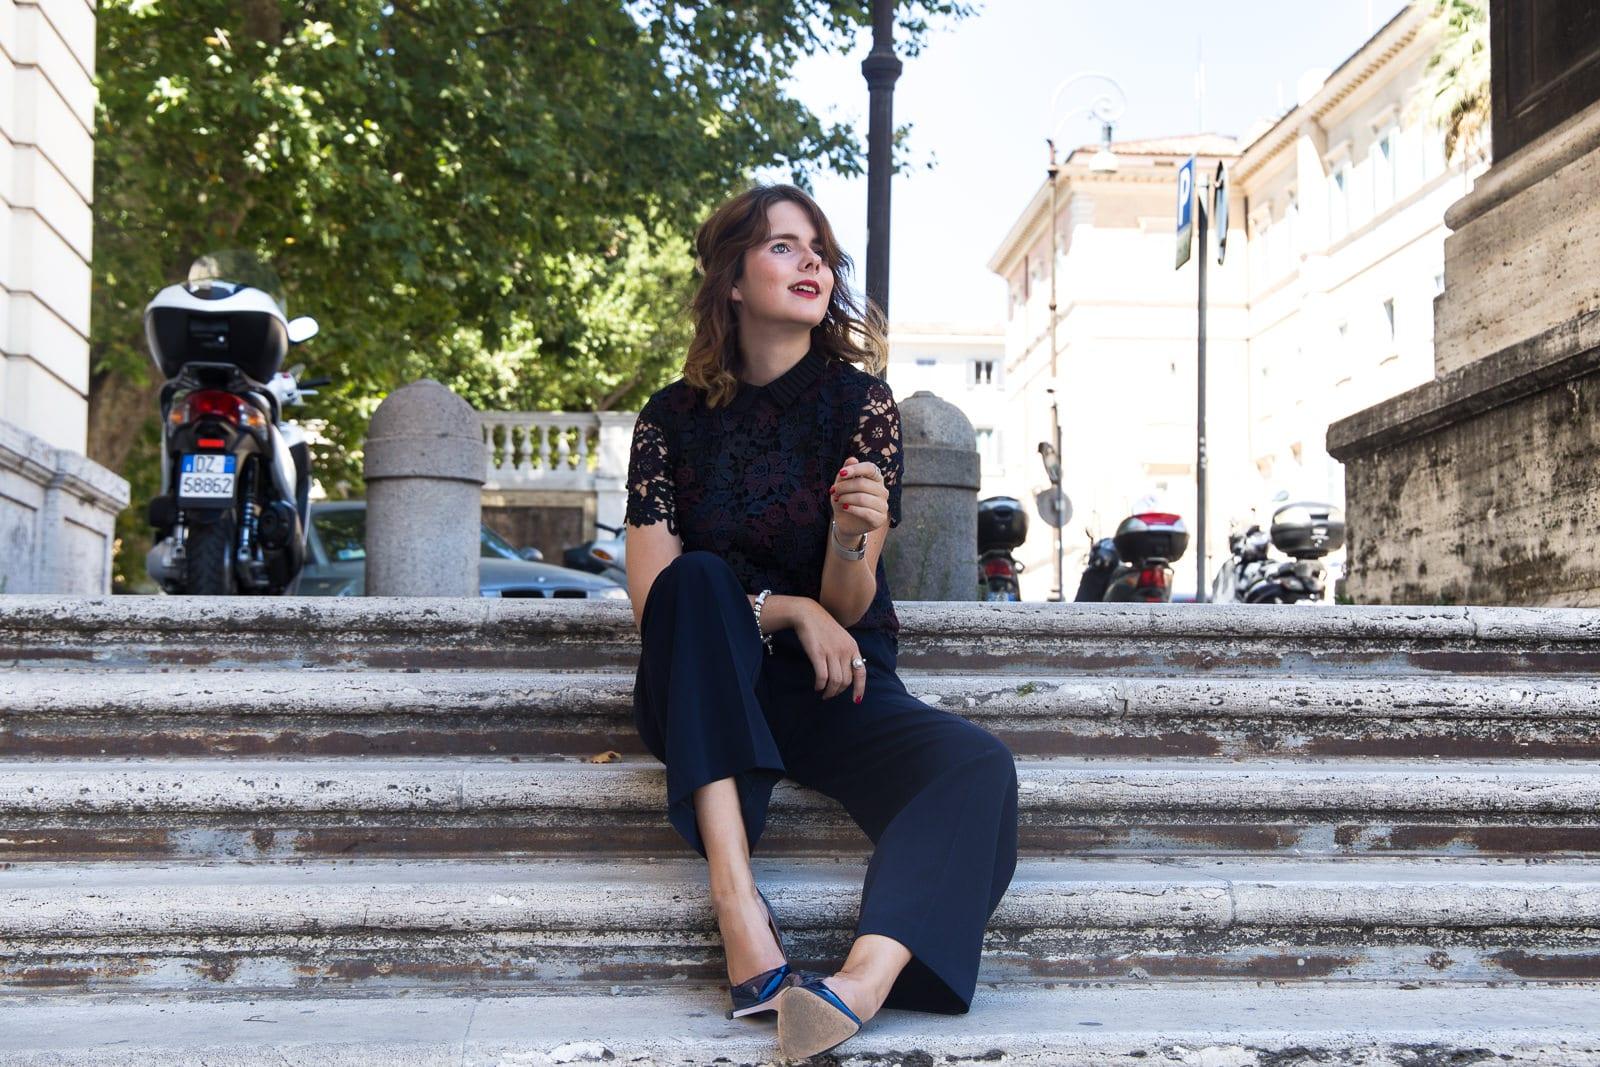 Hallhuber Marlene Hose & Spitzentop in der ewigen Stadt Rom